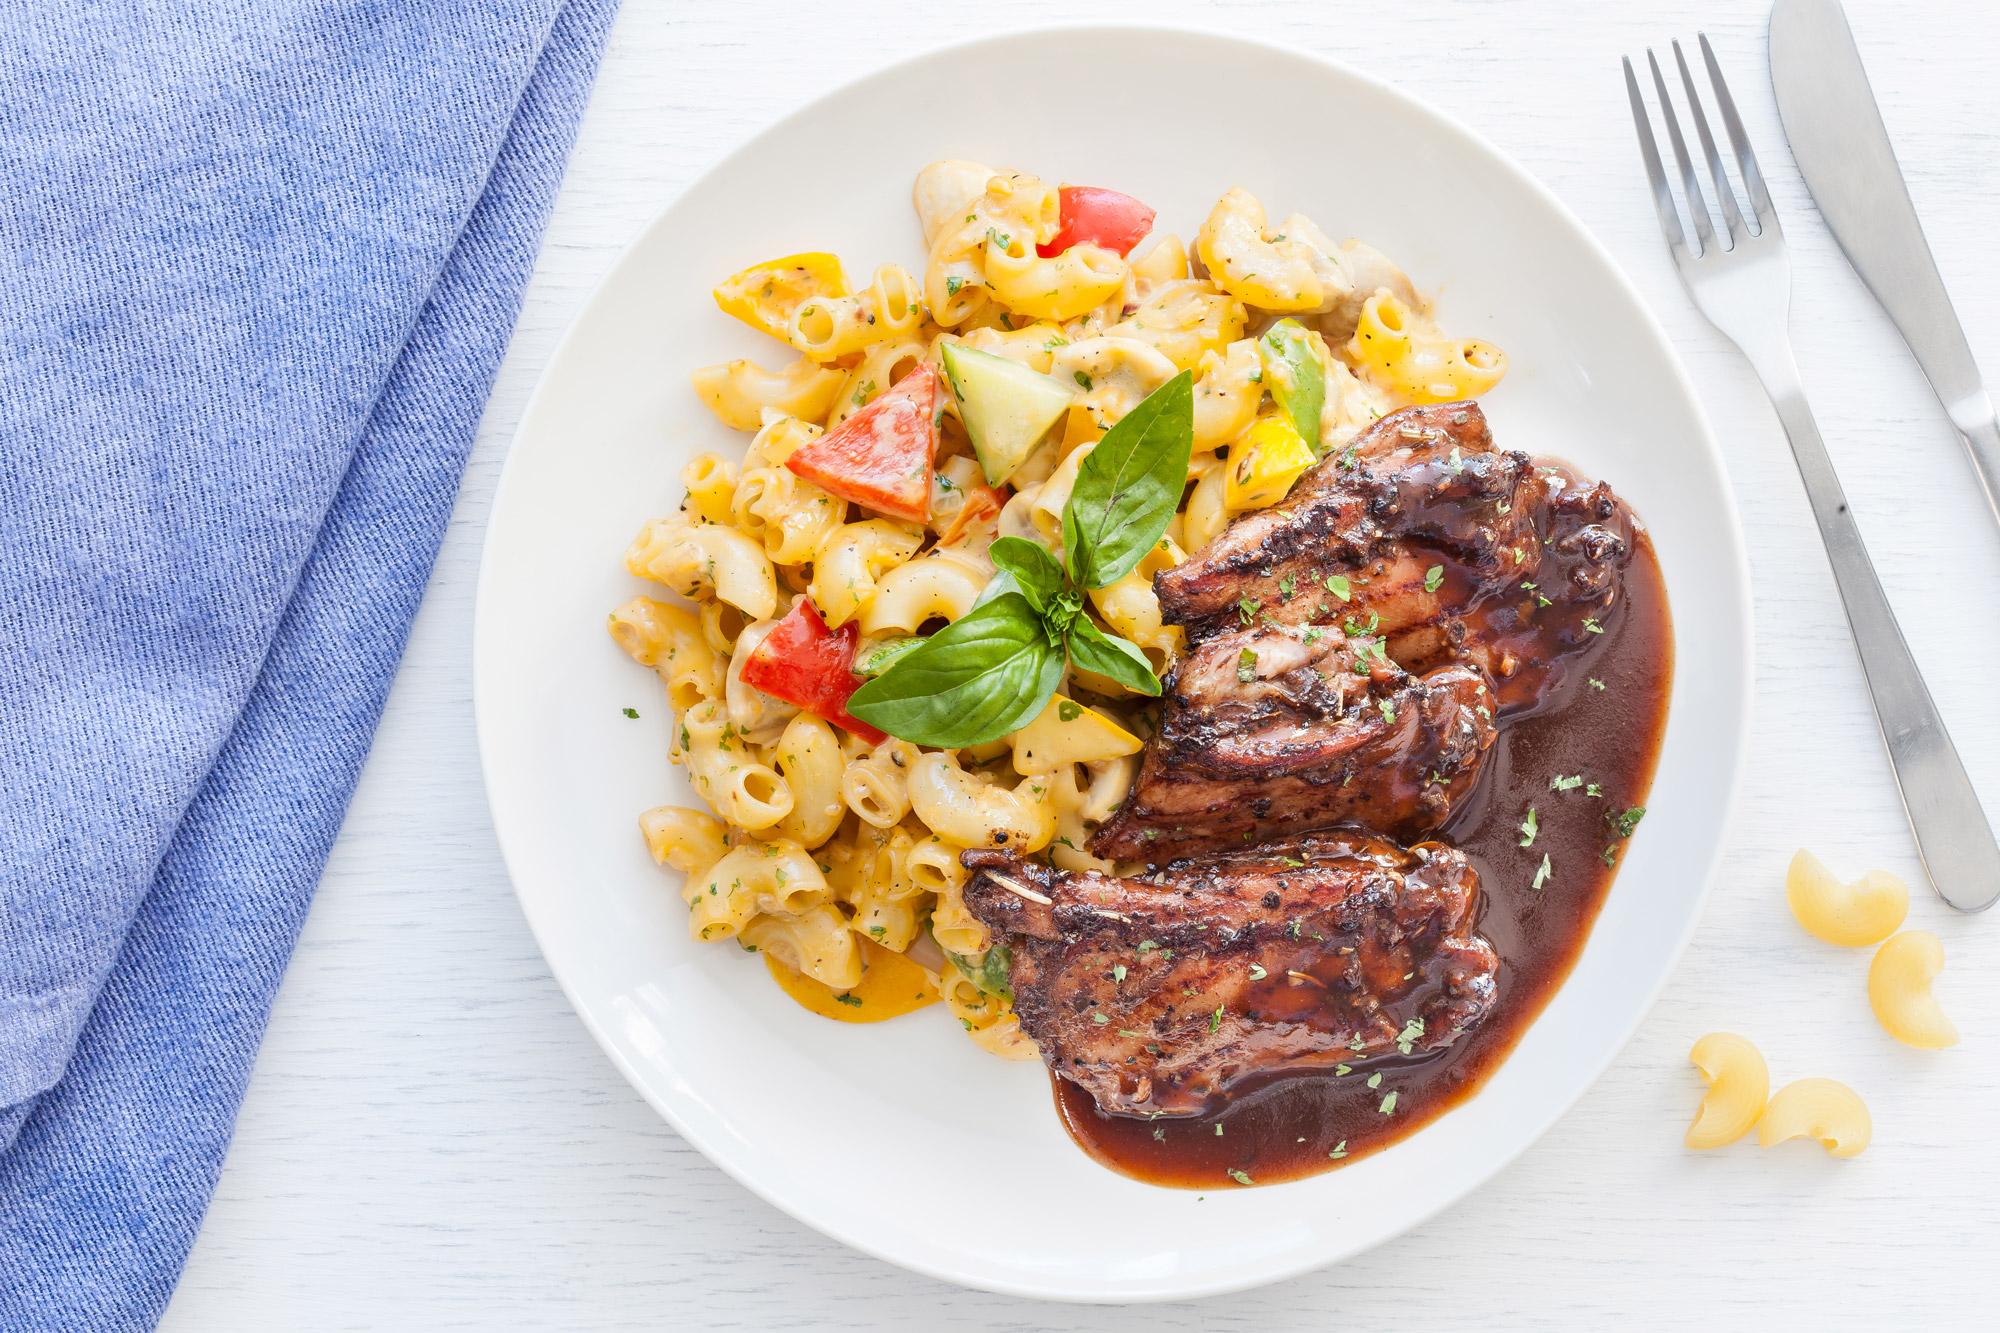 _18FM04473_Salisbury Chicken Steak (Non Veg).jpg